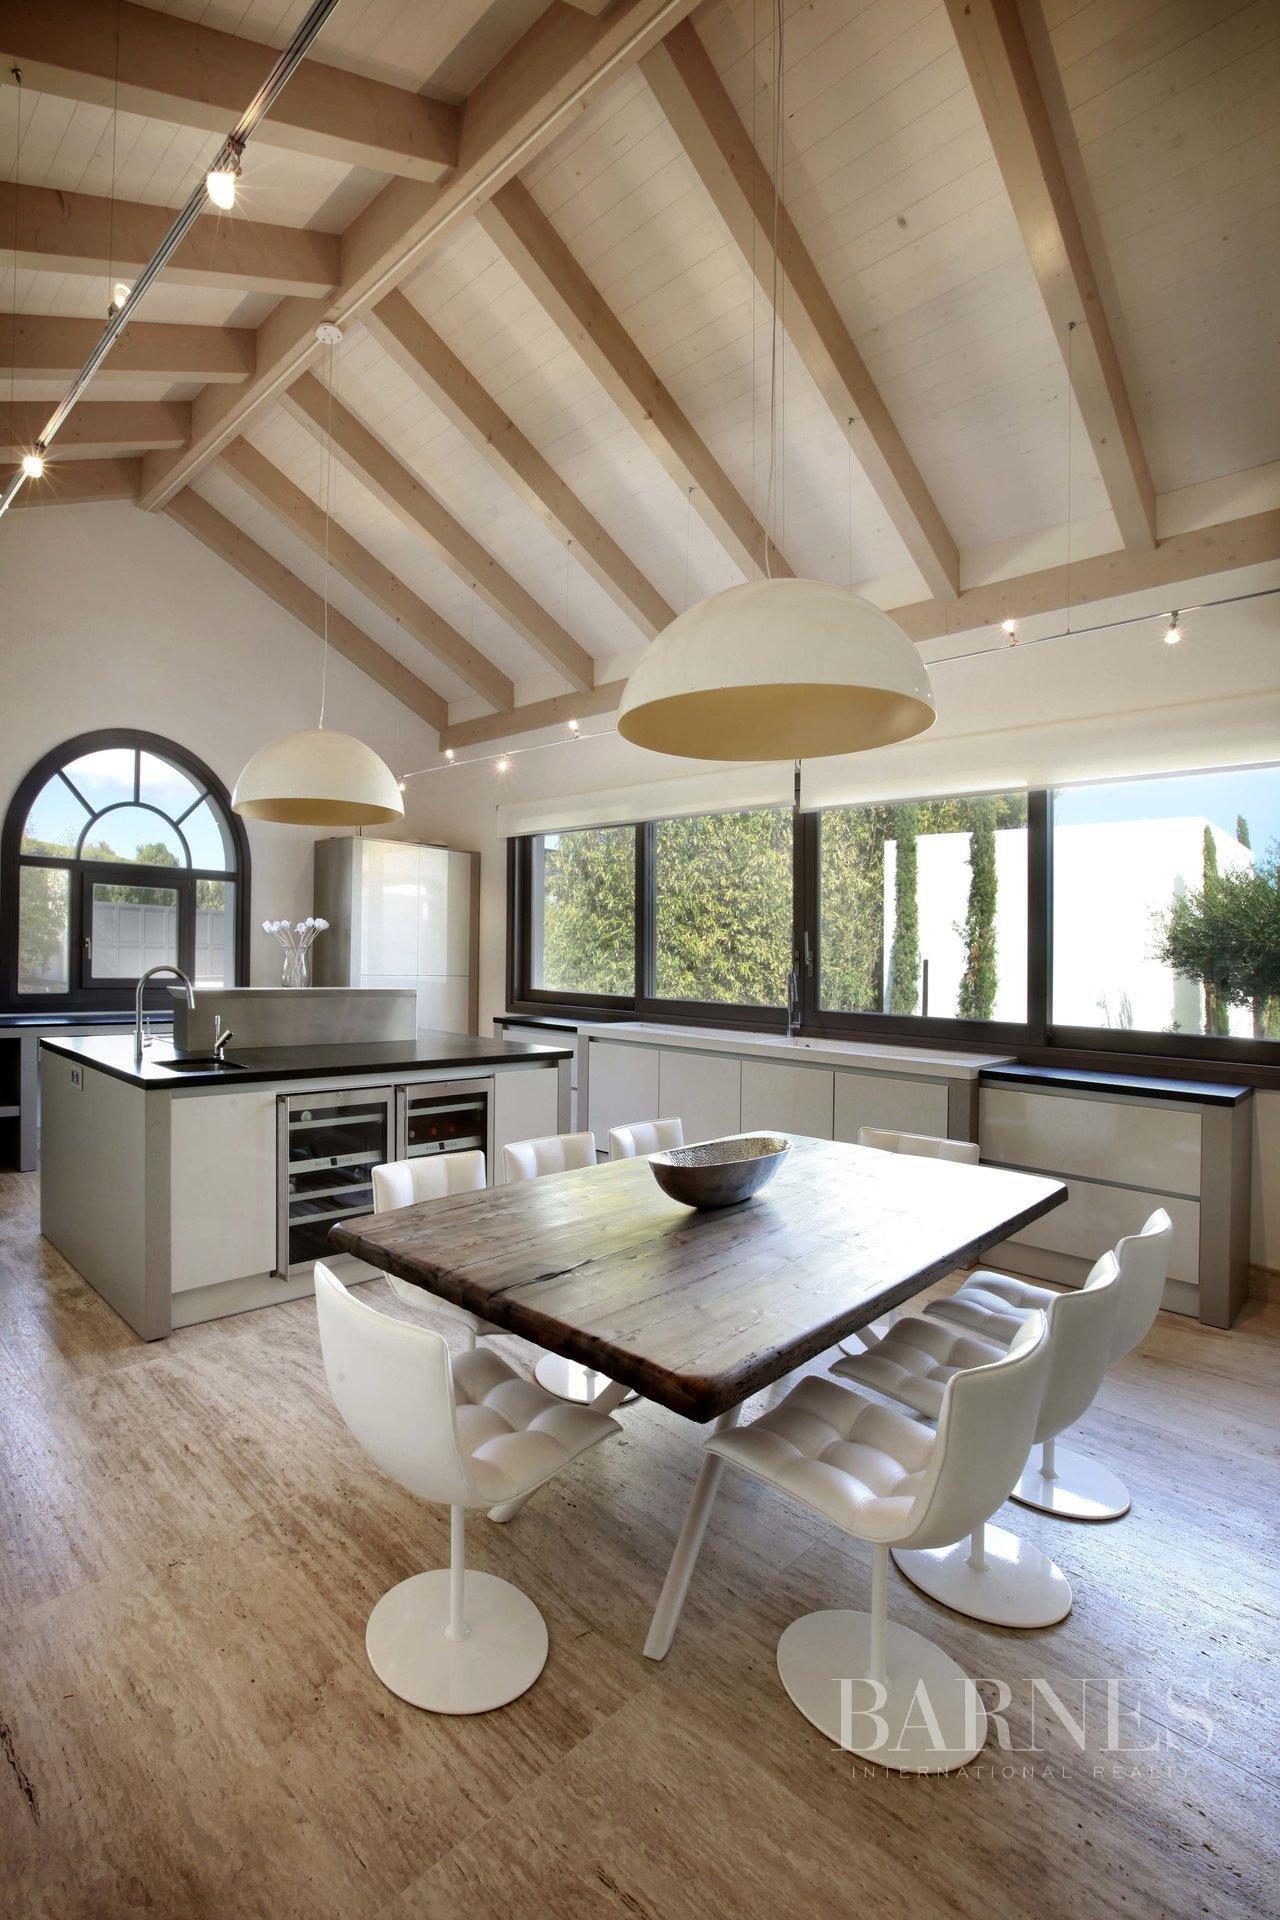 Sotogrande  - Villa  6 Habitaciones - picture 15